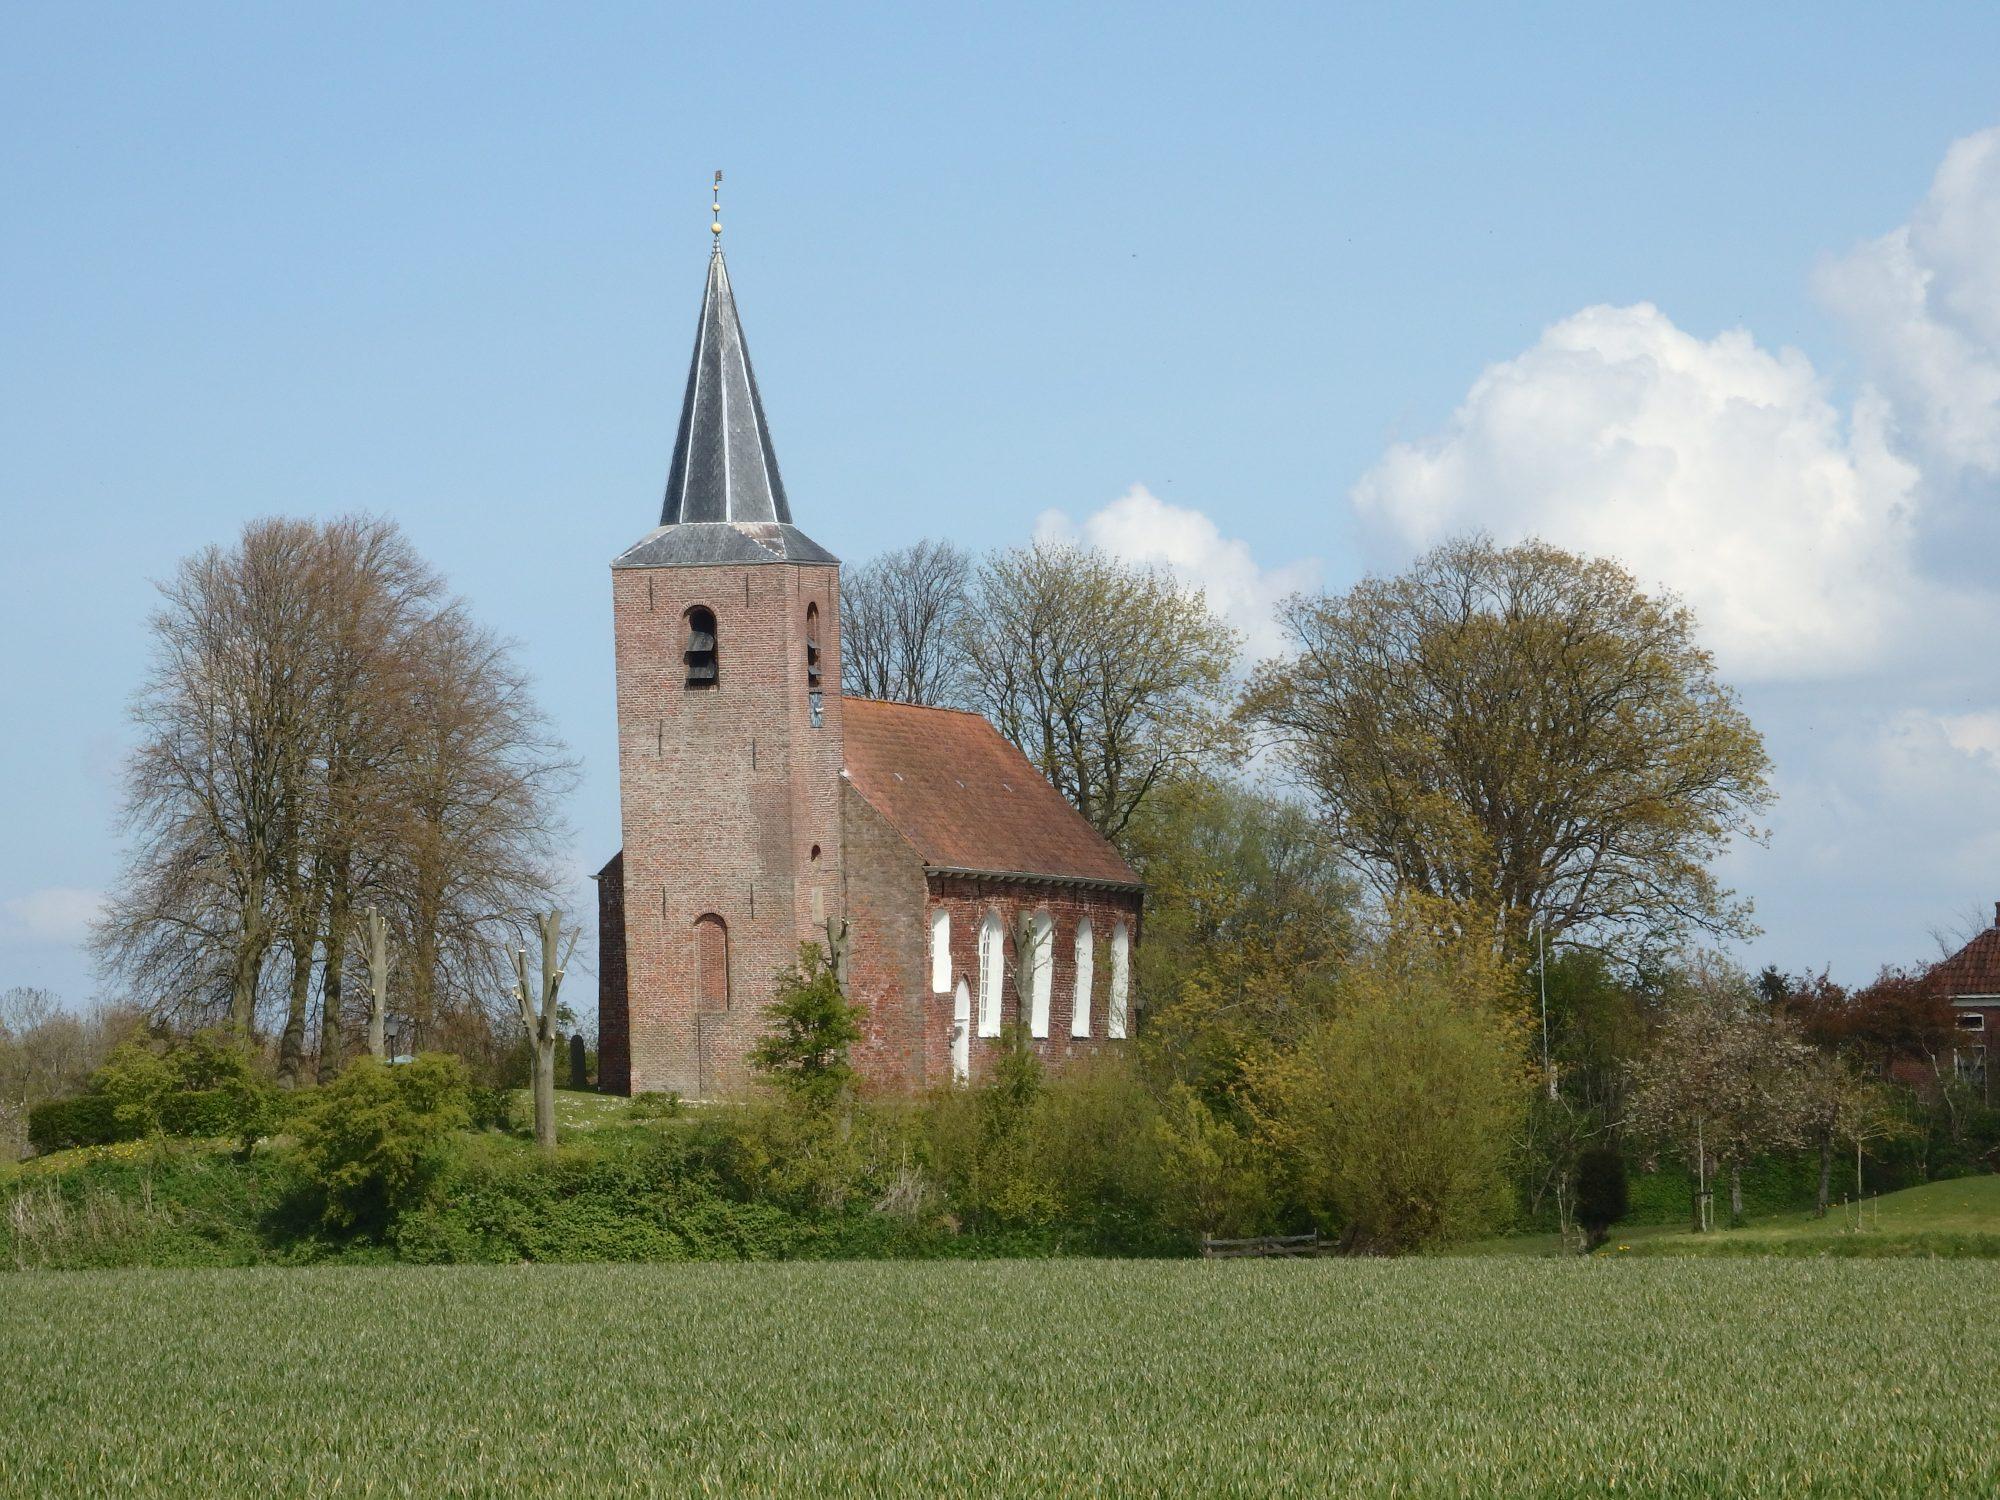 Eenrum church in Groningen province